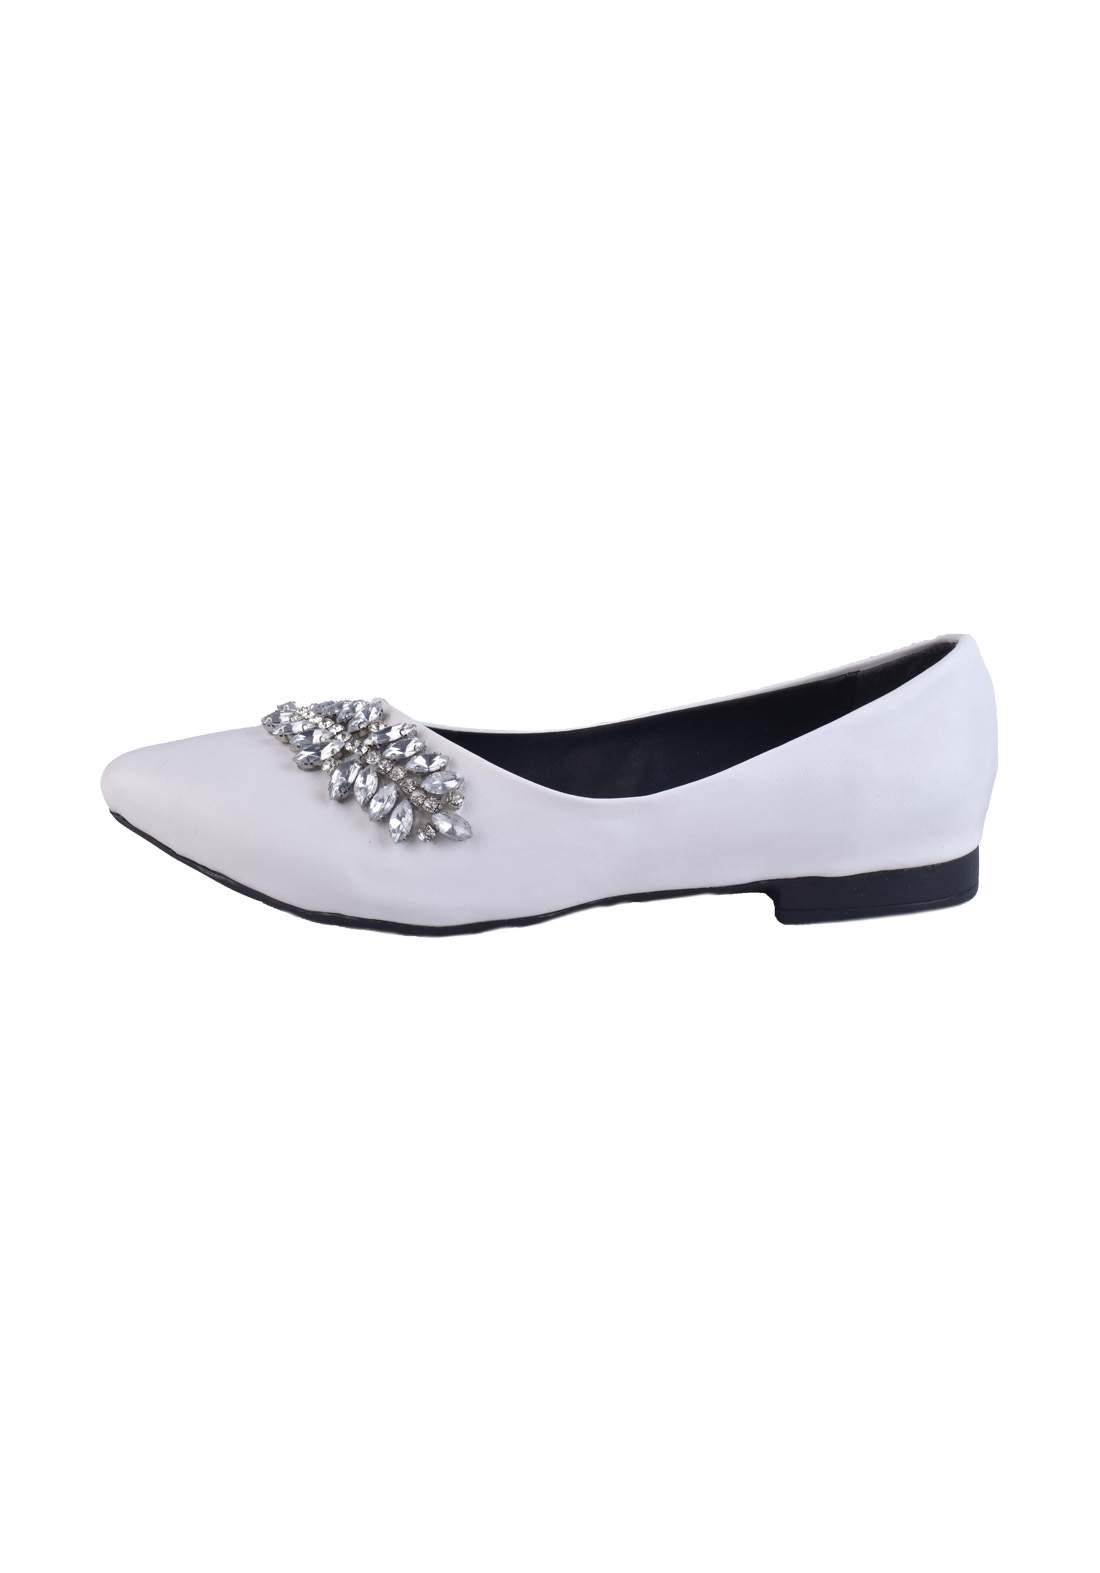 حذاء نسائي  ابيض اللون